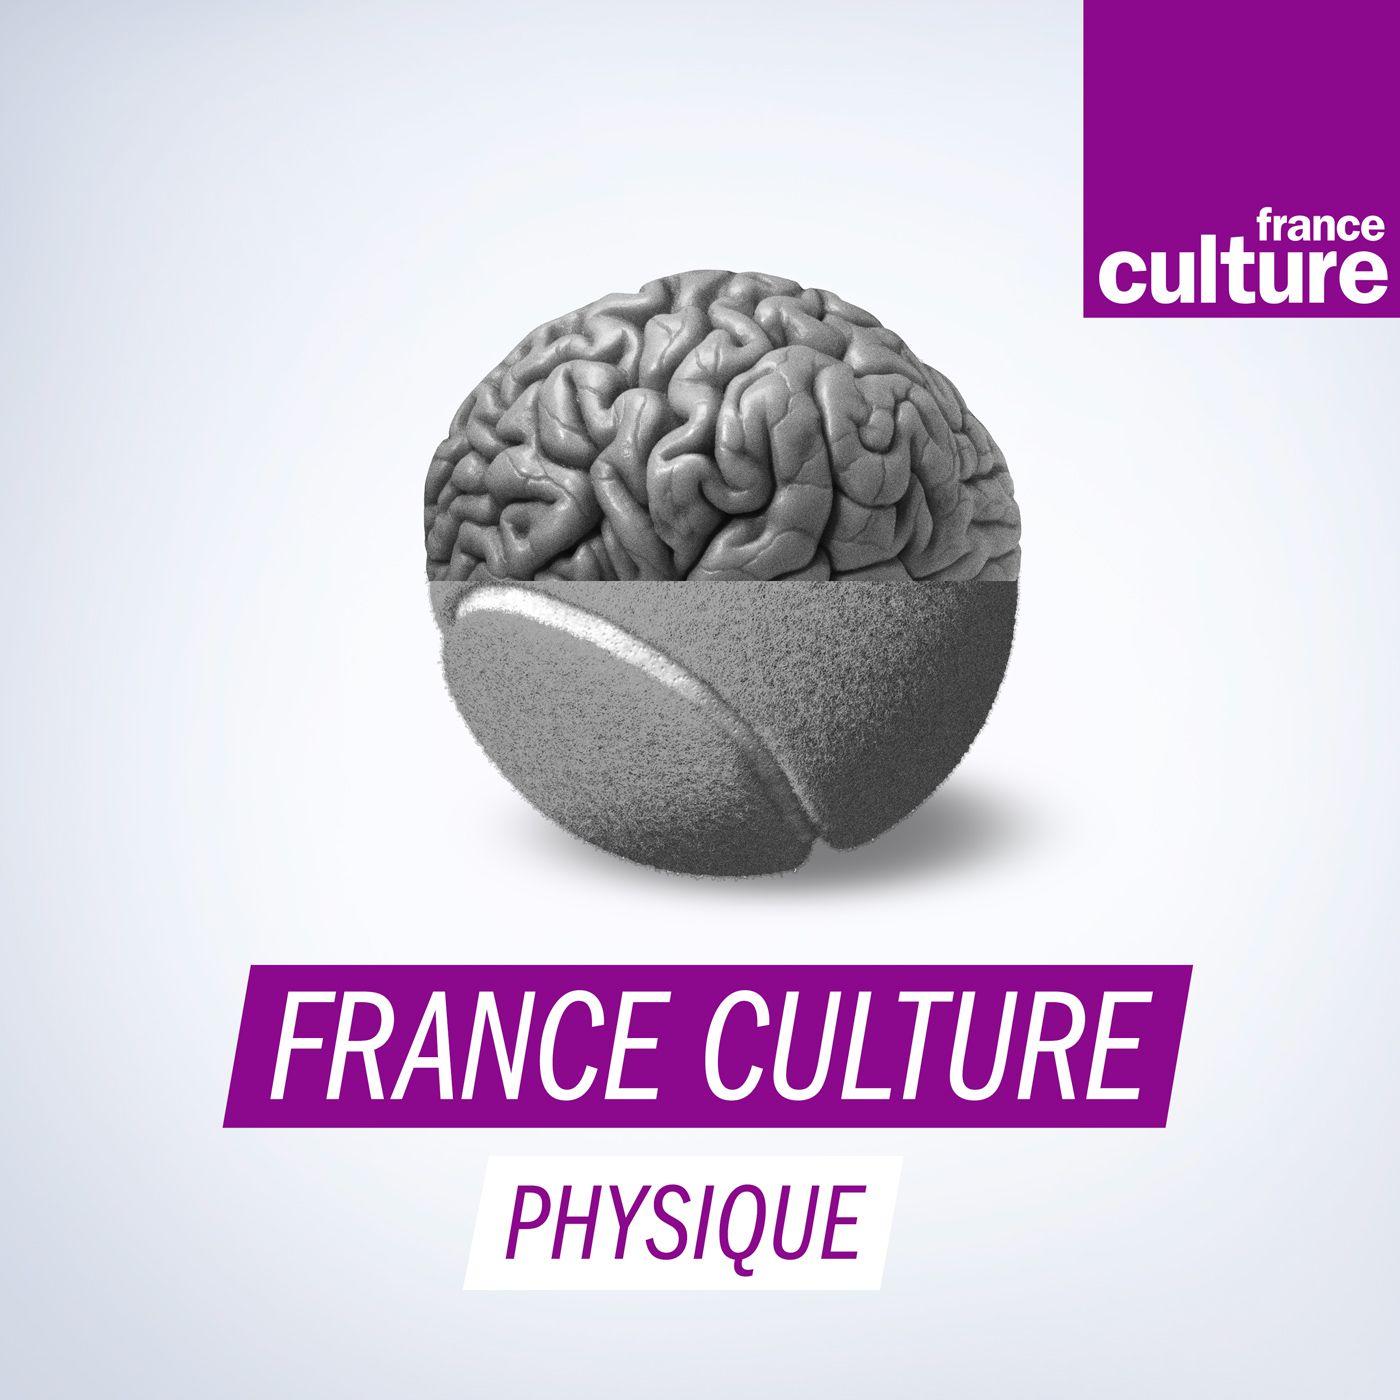 Image 1: France Culture physique